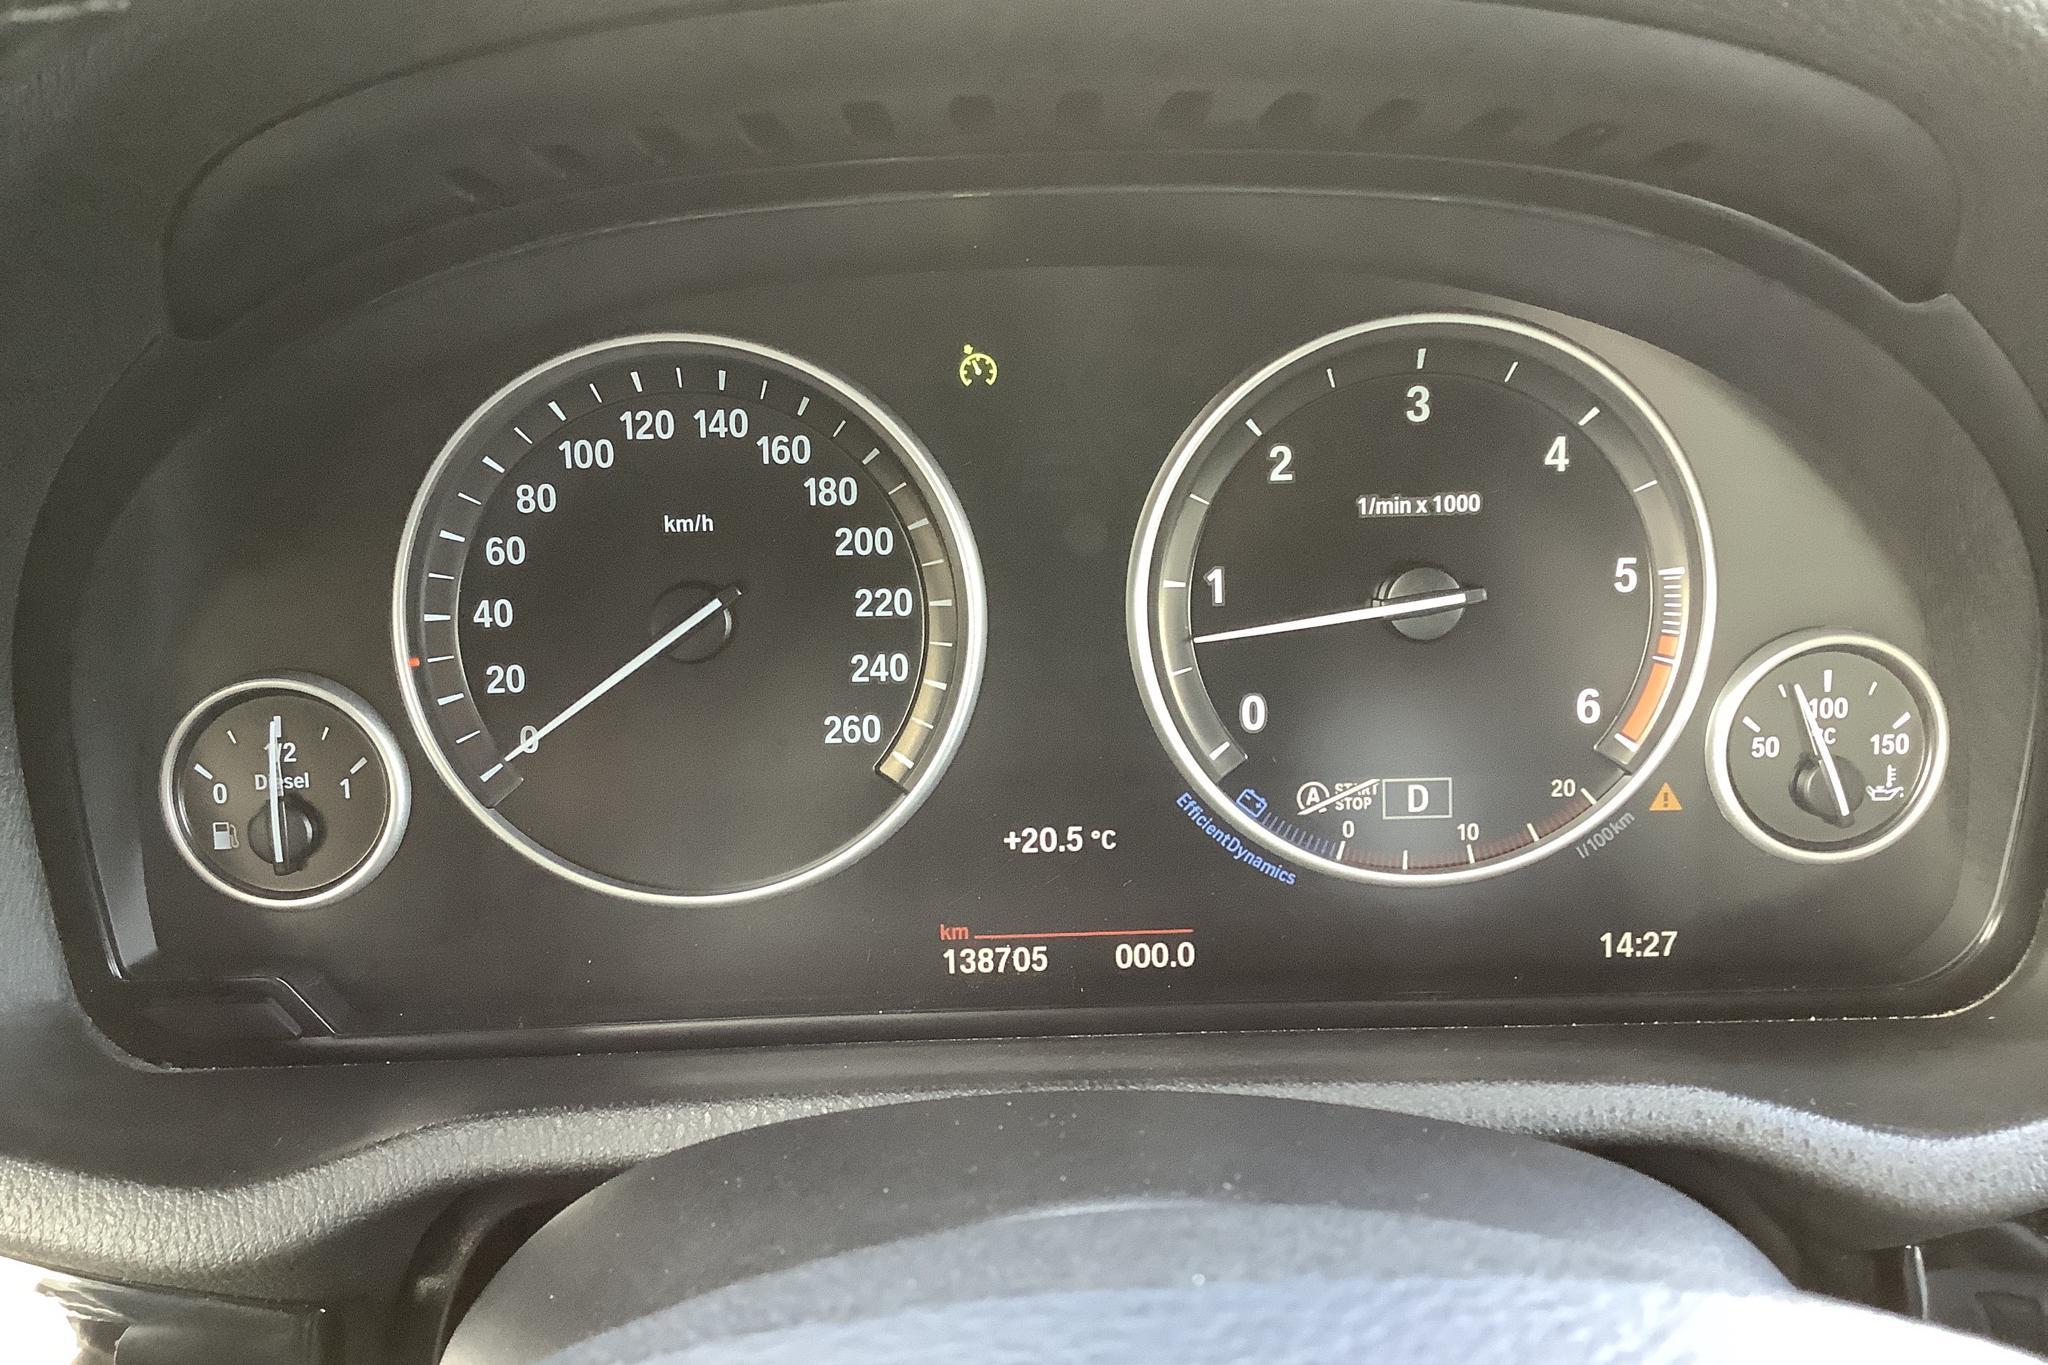 BMW X3 xDrive35d, F25 (313hk) - 13 871 mil - Automat - svart - 2015